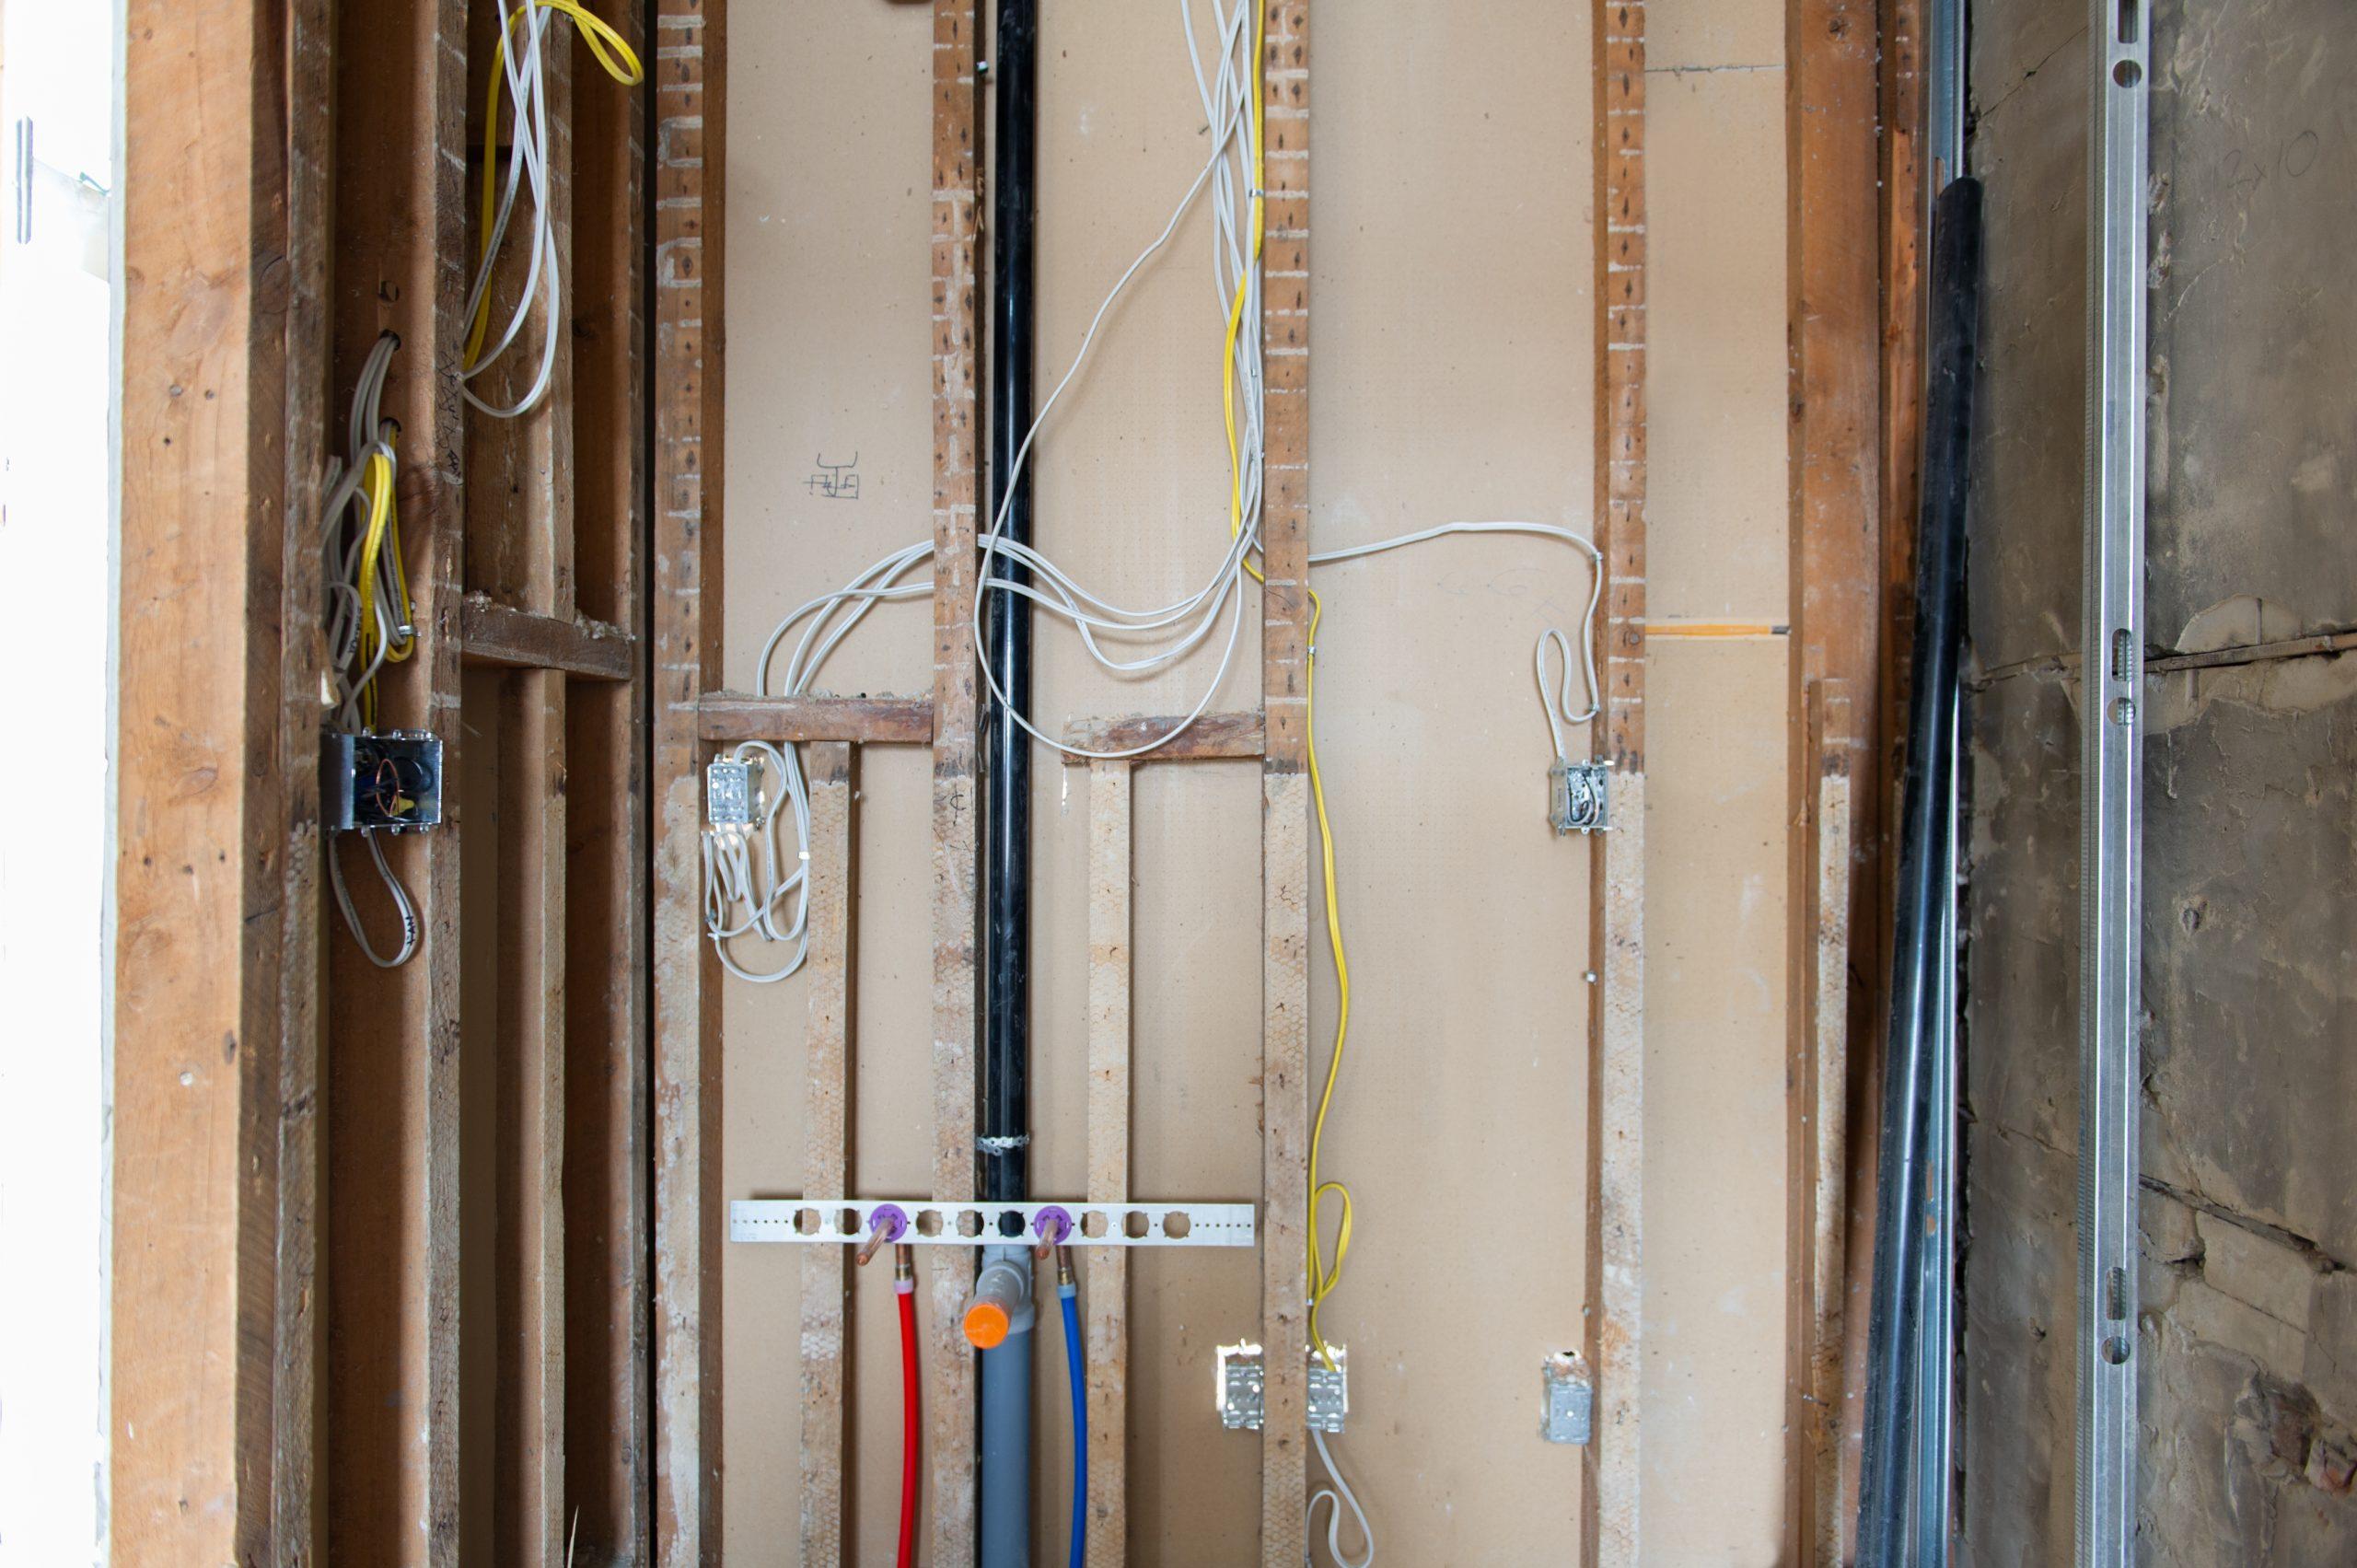 interior of RV renovation